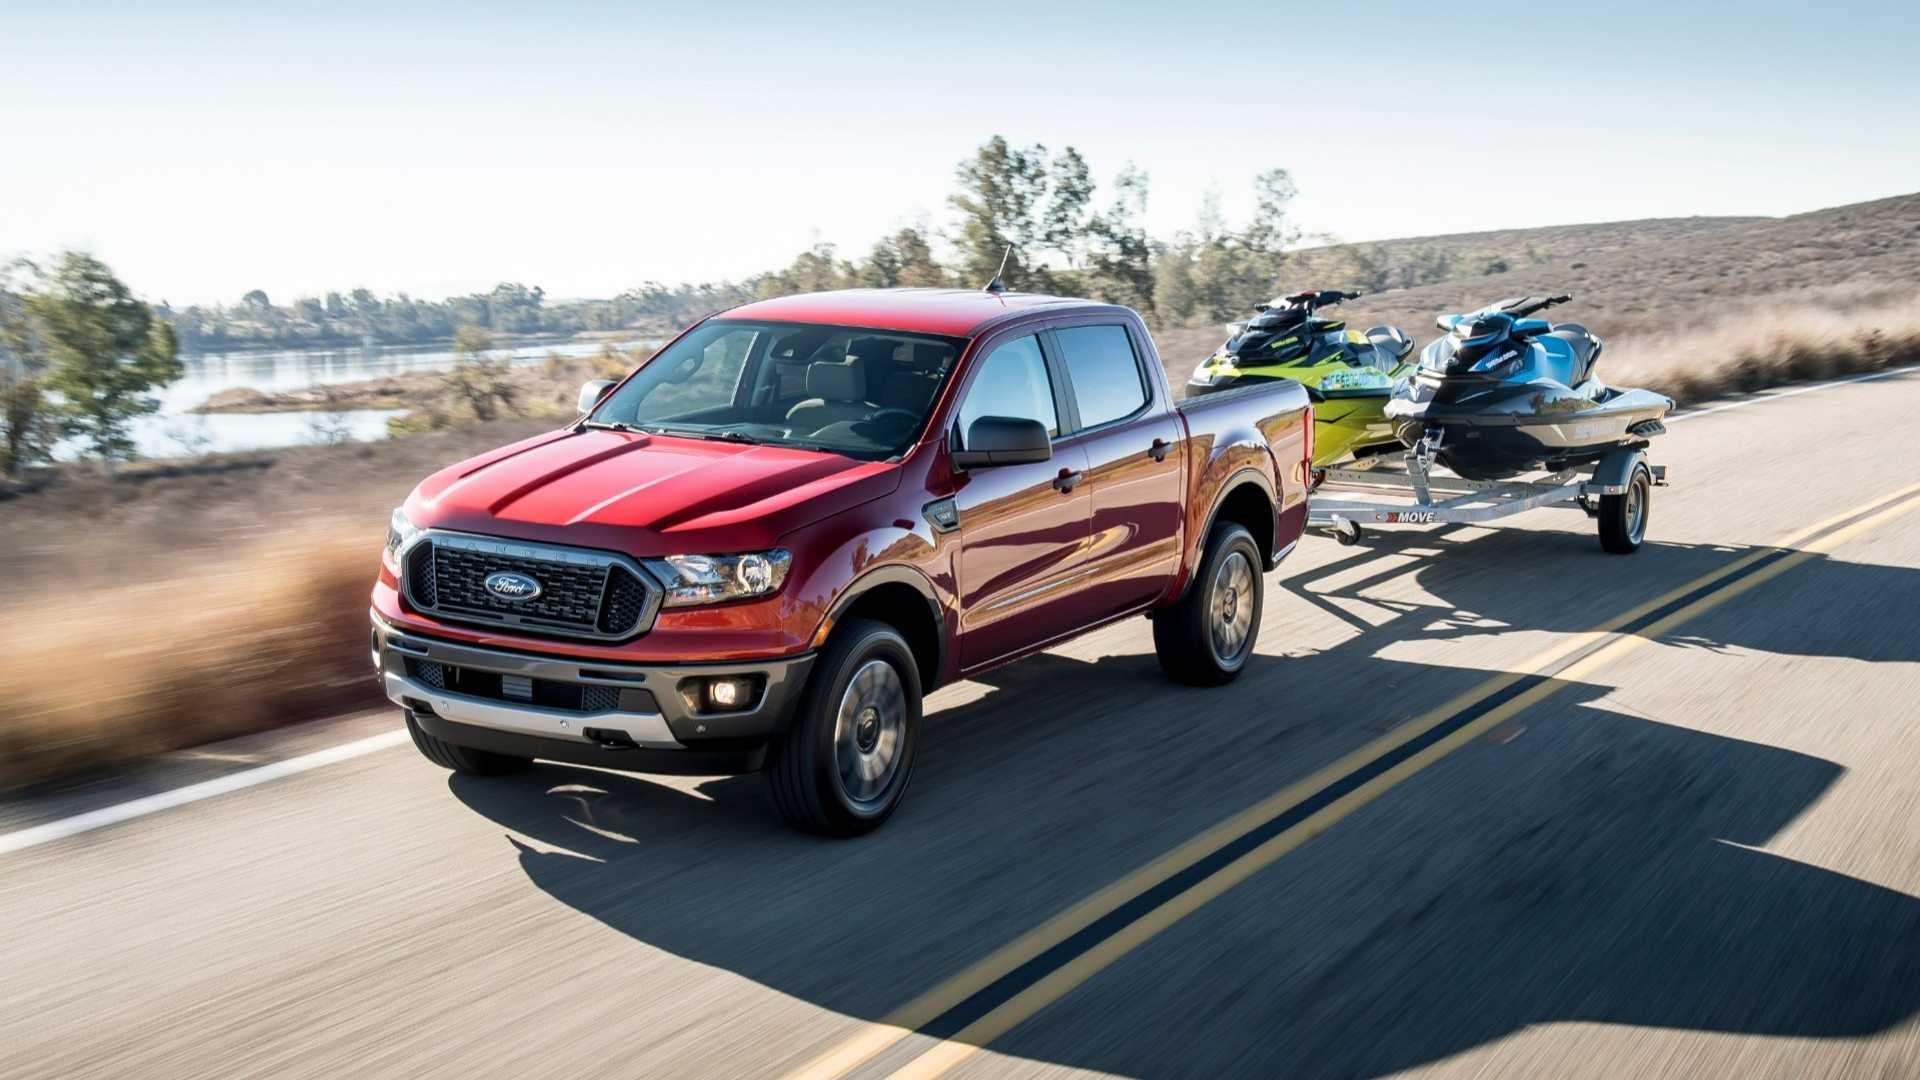 2019-ford-ranger-danh-gia-8.jpg